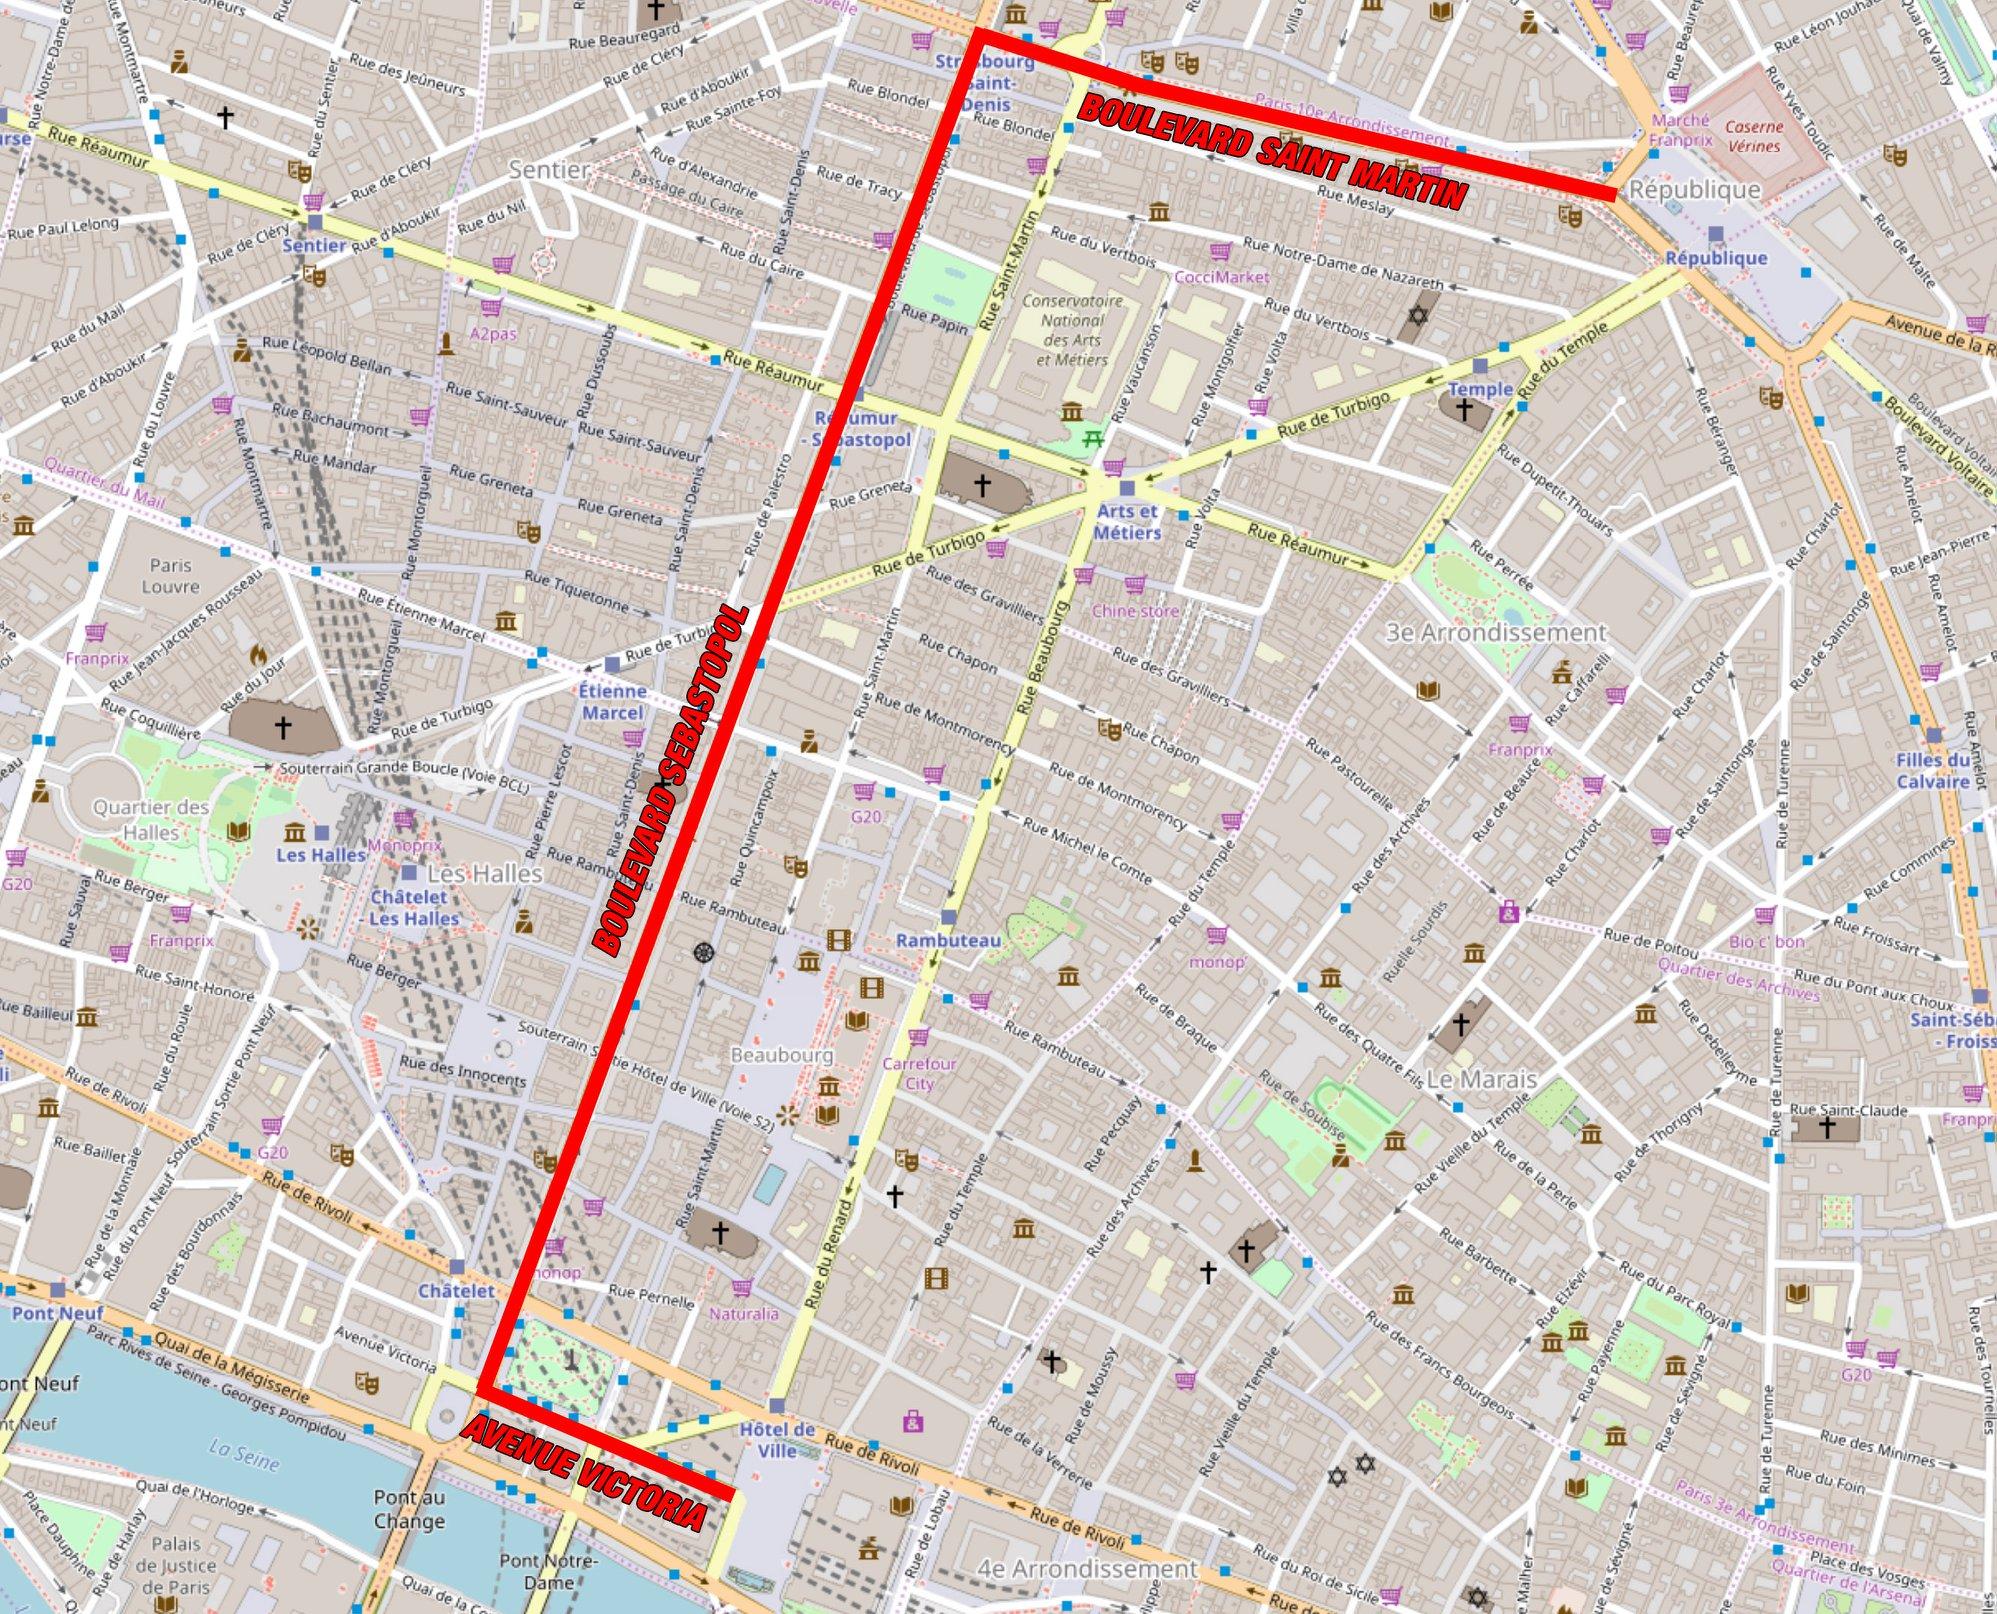 Parcours de la Marche pour le Climat Paris 2018